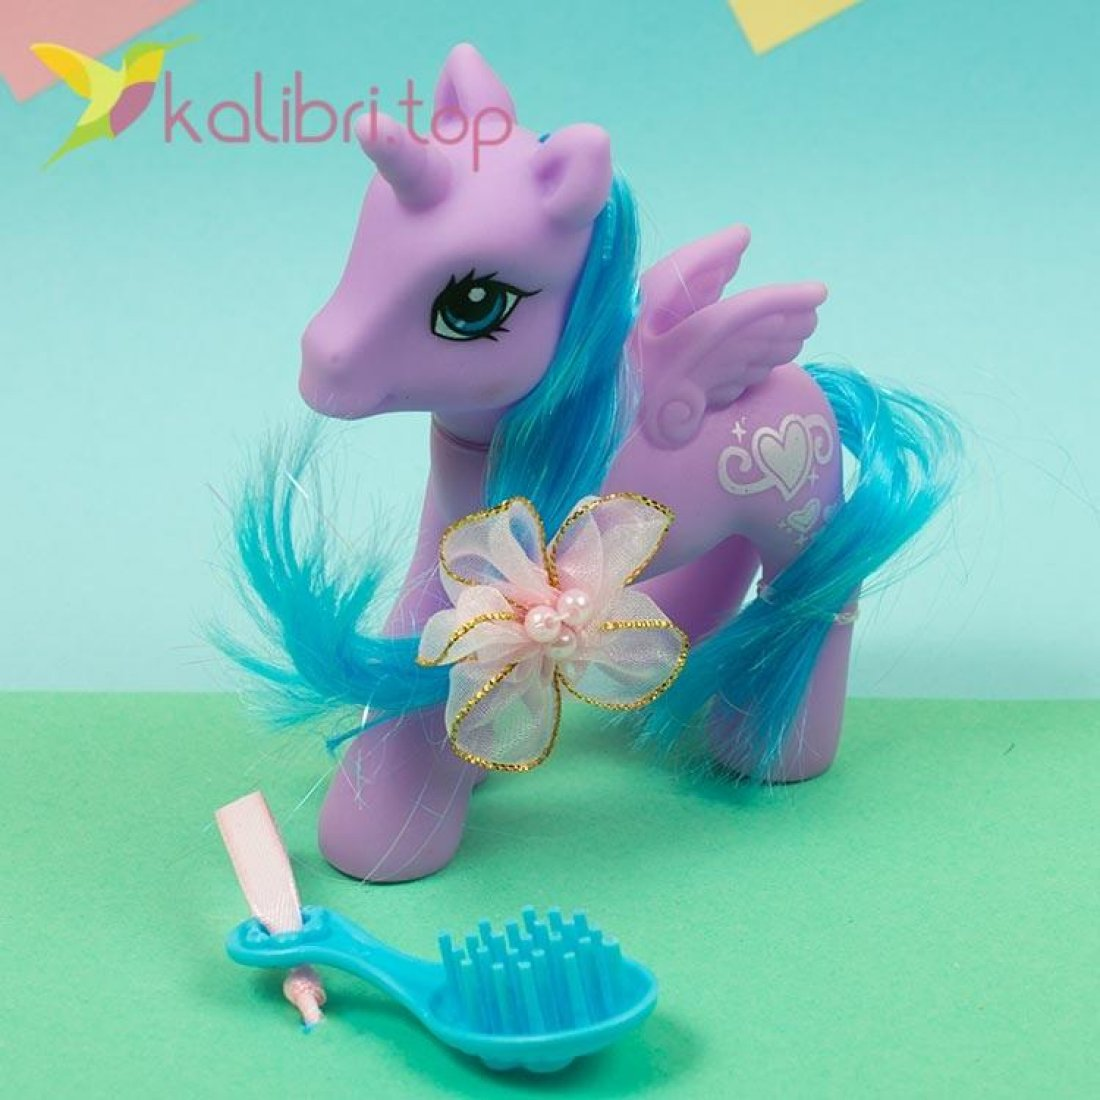 Детская игрушка My Little Hors с расчёской, оптом фото 2